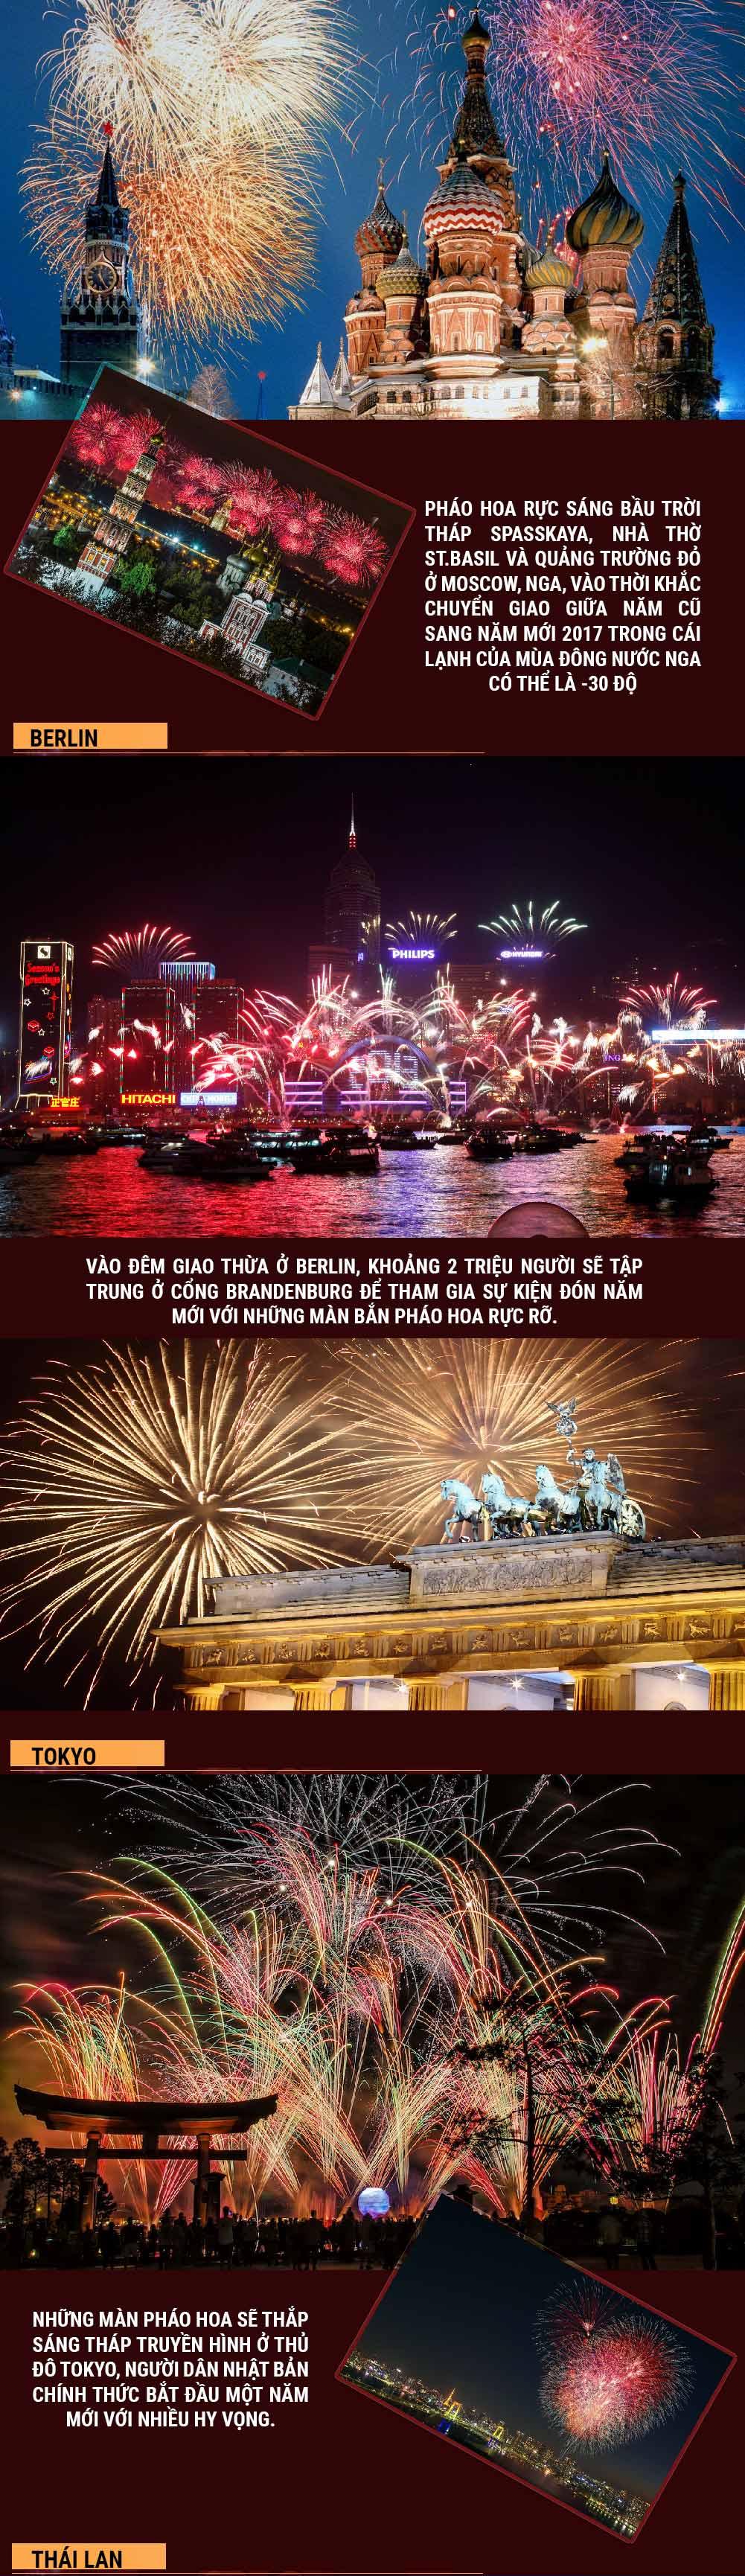 """10 """"đại tiệc"""" pháo hoa hoành tráng nhất thế giới - 4"""